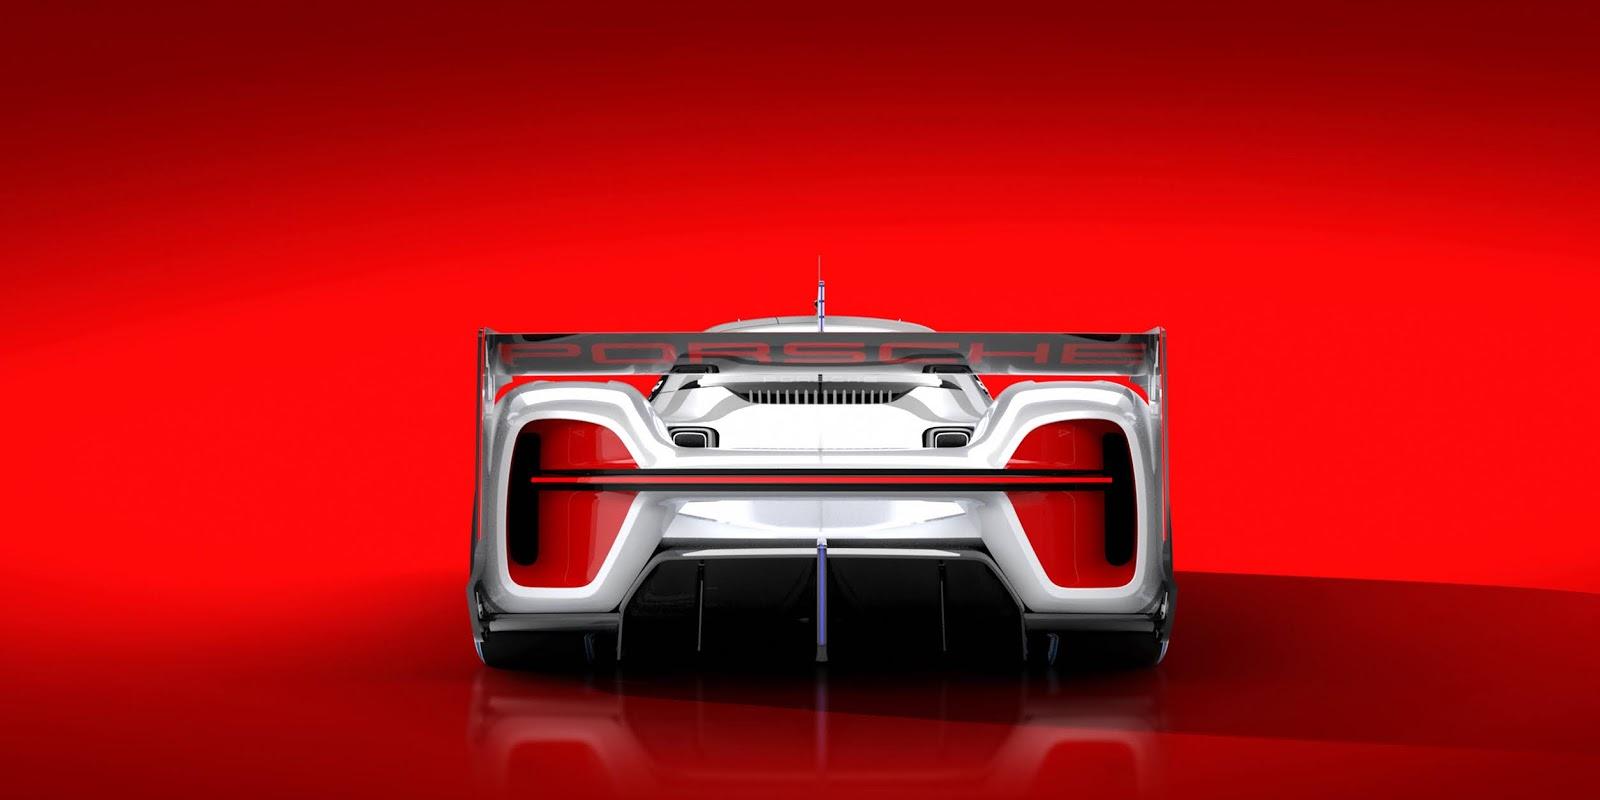 03 Τα άγνωστα Hypercars της Porsche hypercar, Porsche, Porsche Unseen, Sunday, supercar, supercars, zblog, ειδήσεις